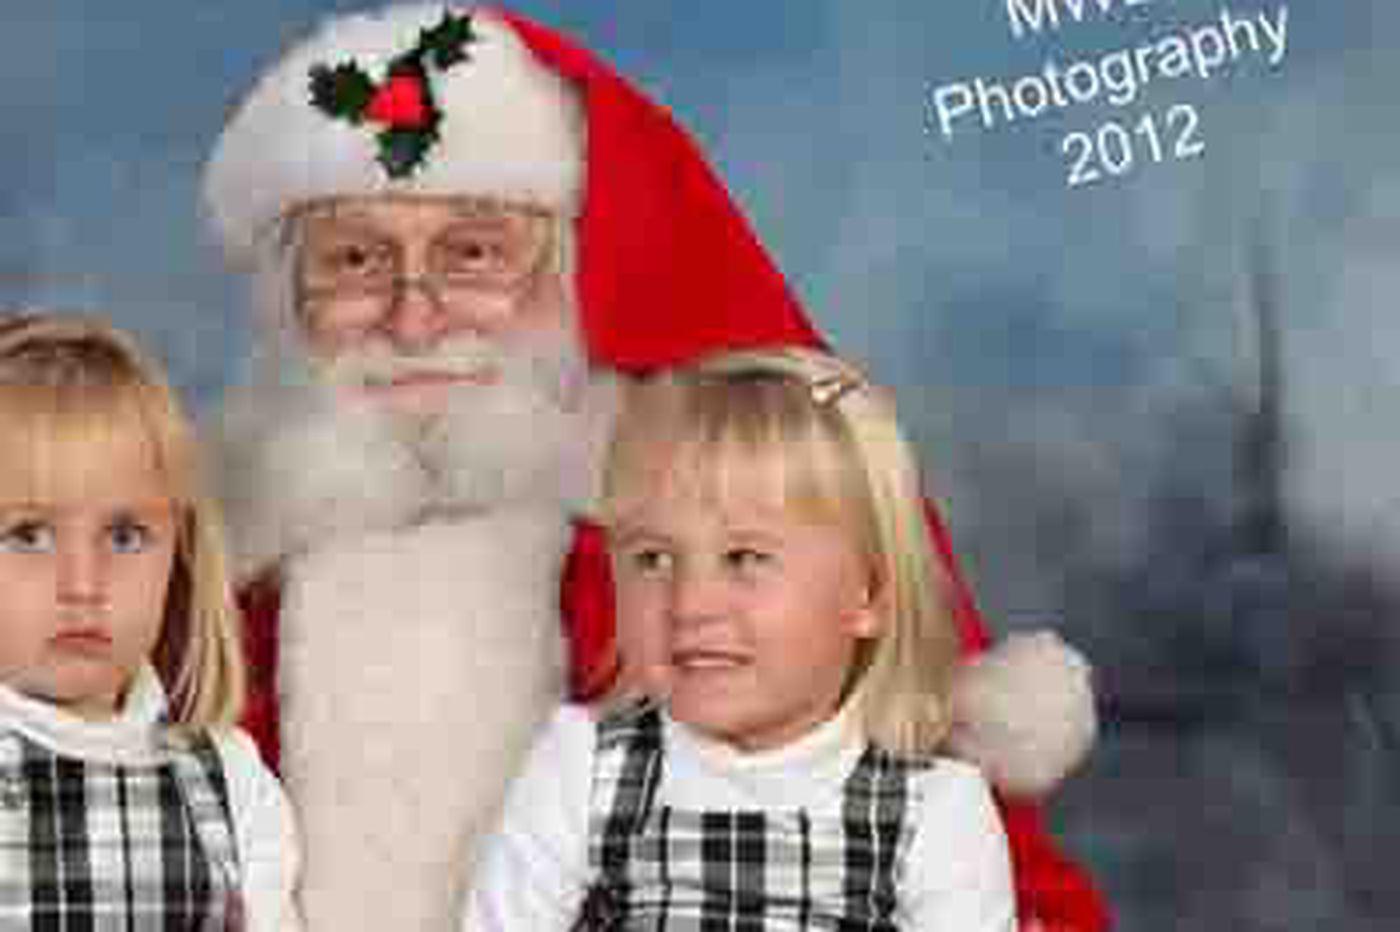 Little girl on Santa's lap flips the bird in best Christmas photo ever taken